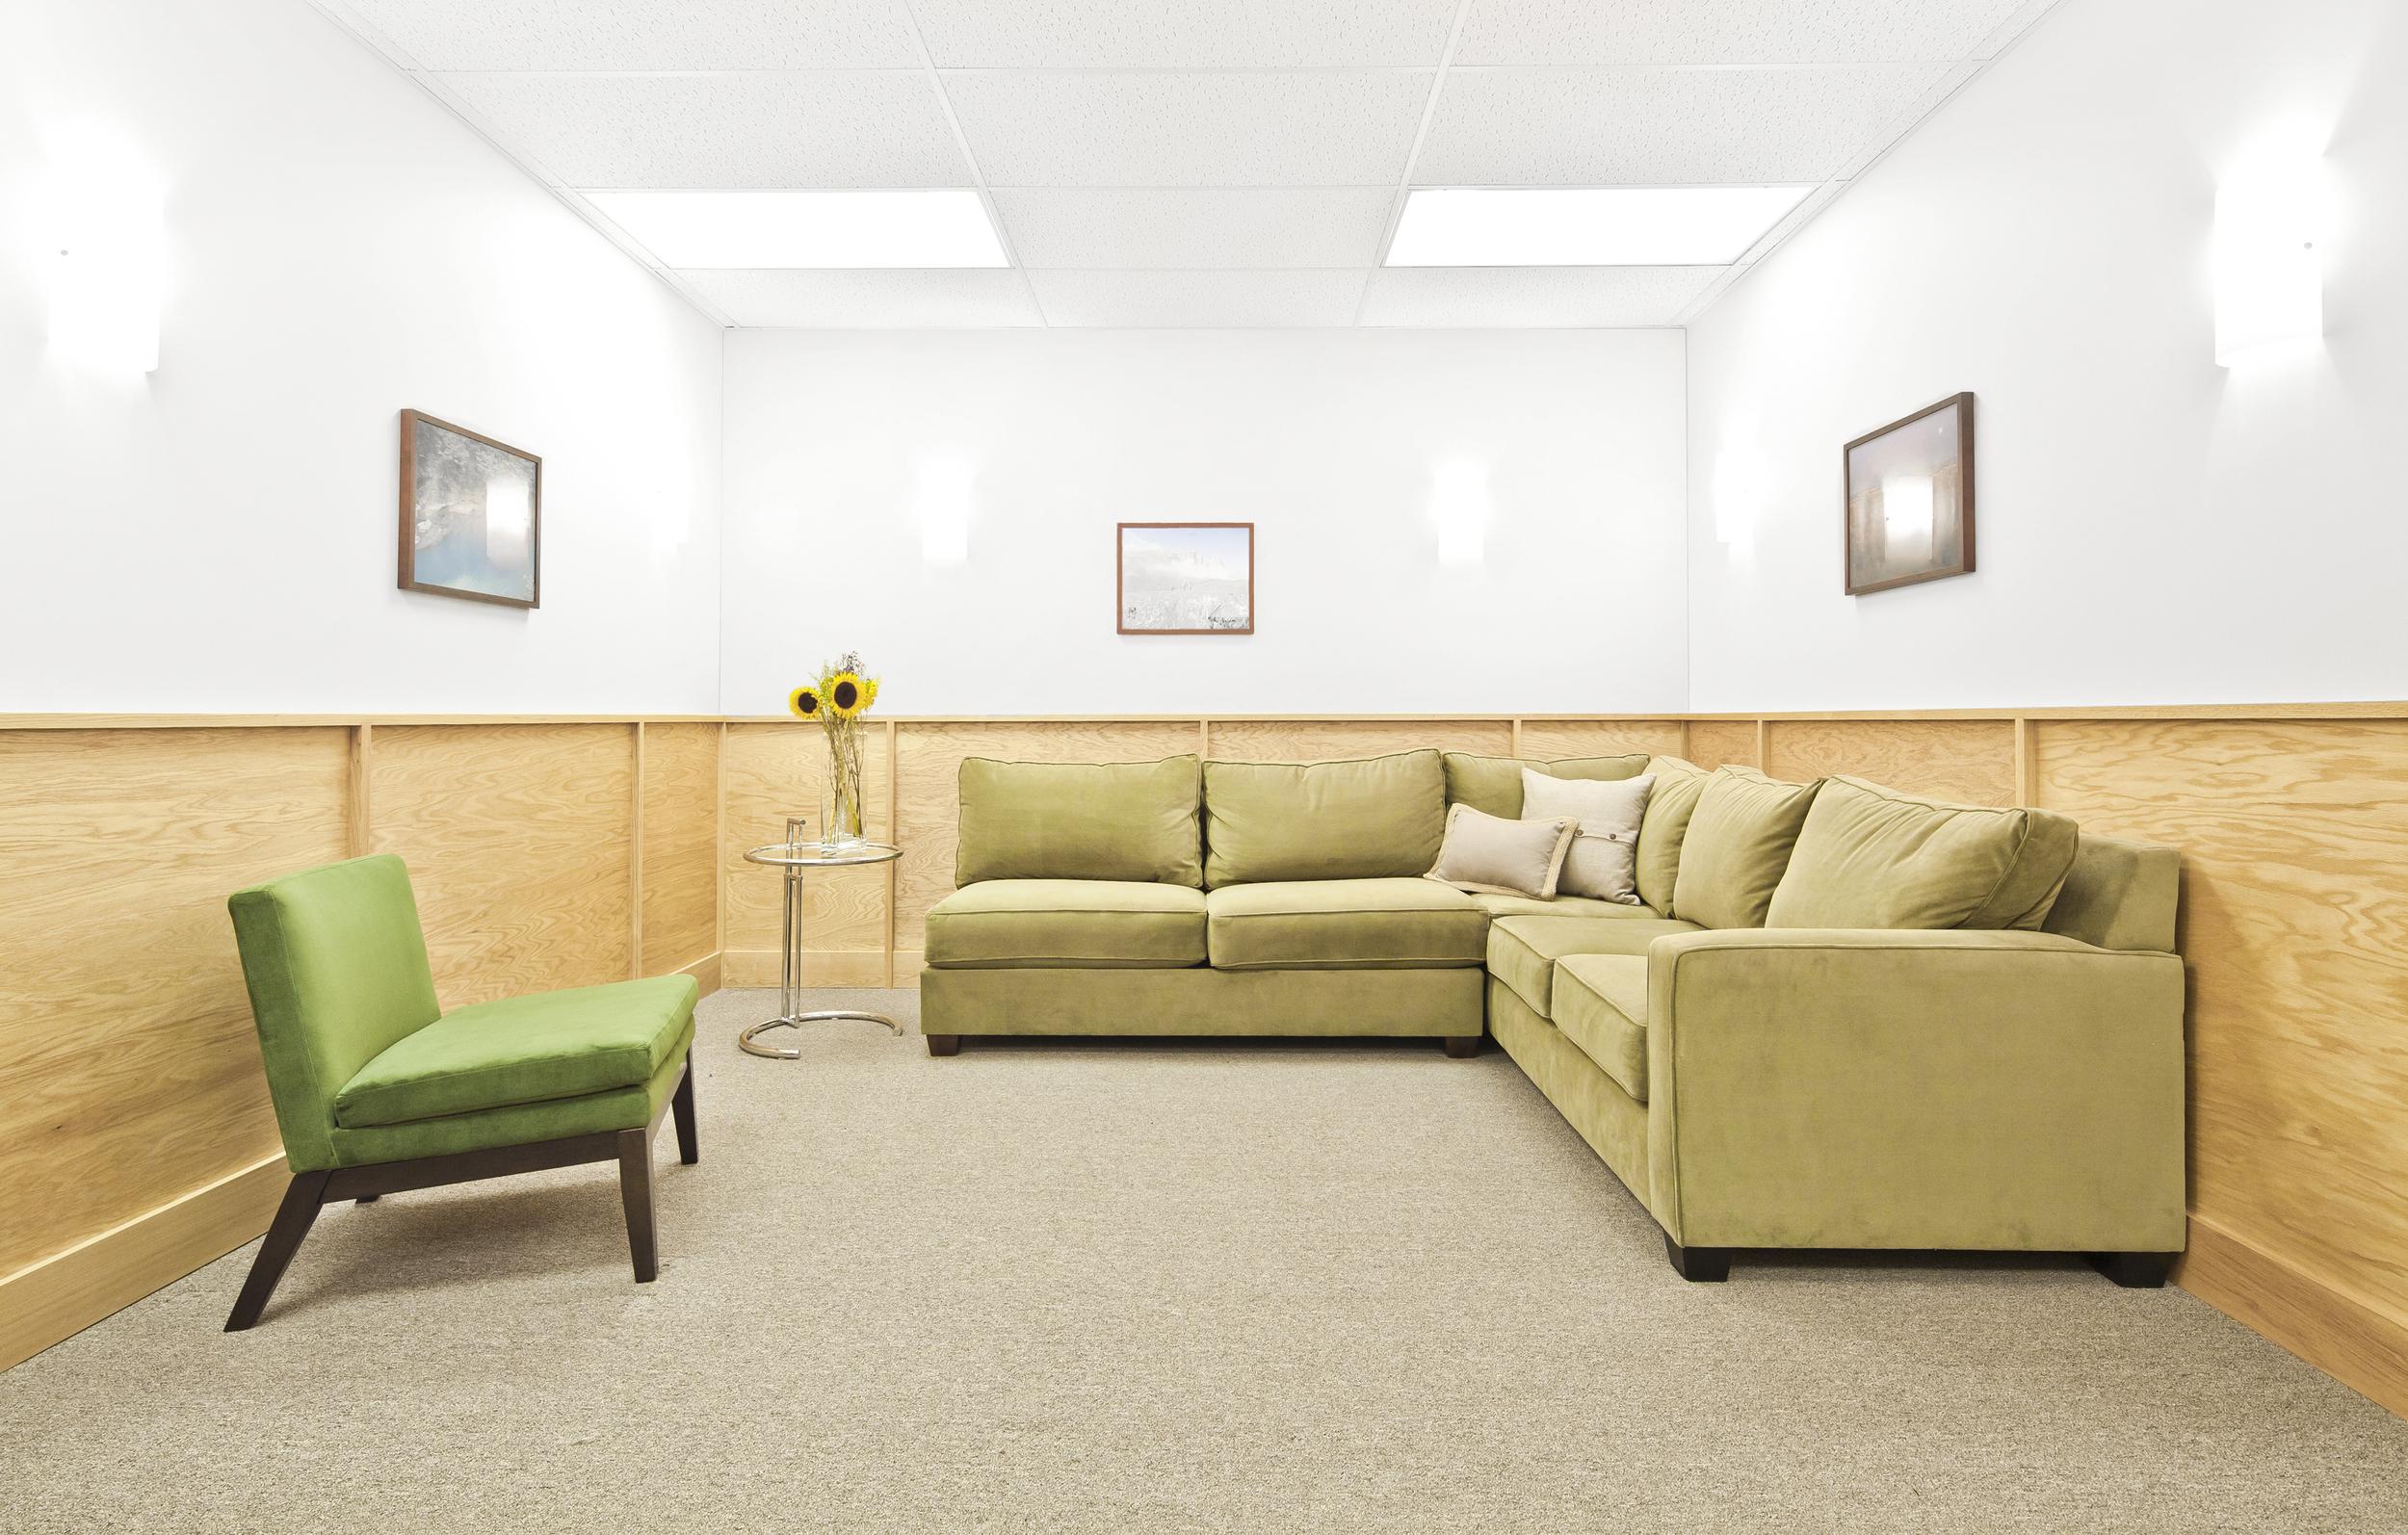 mon_pic_patient_lounge.JPG